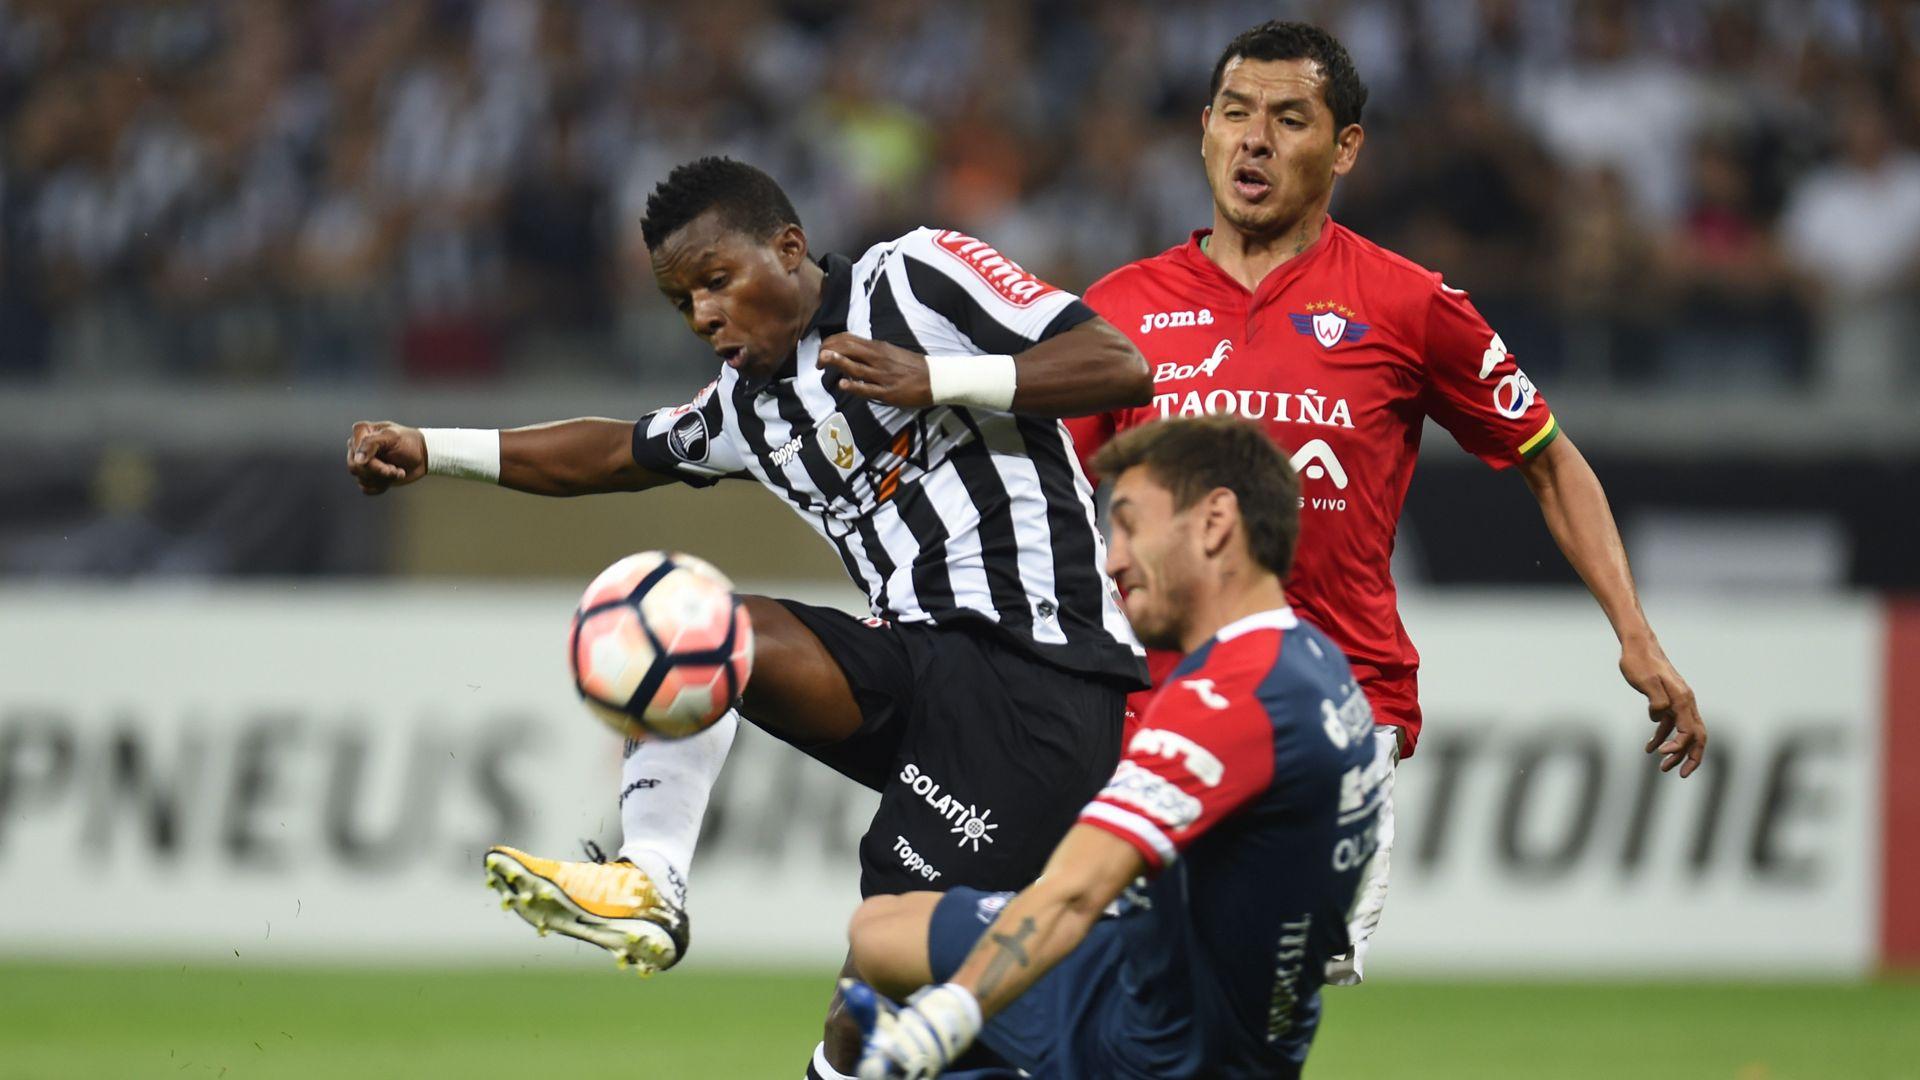 Juan Cazares Raul Olivares Atletico-MG Jorge Wilstermann Libertadores 09082017